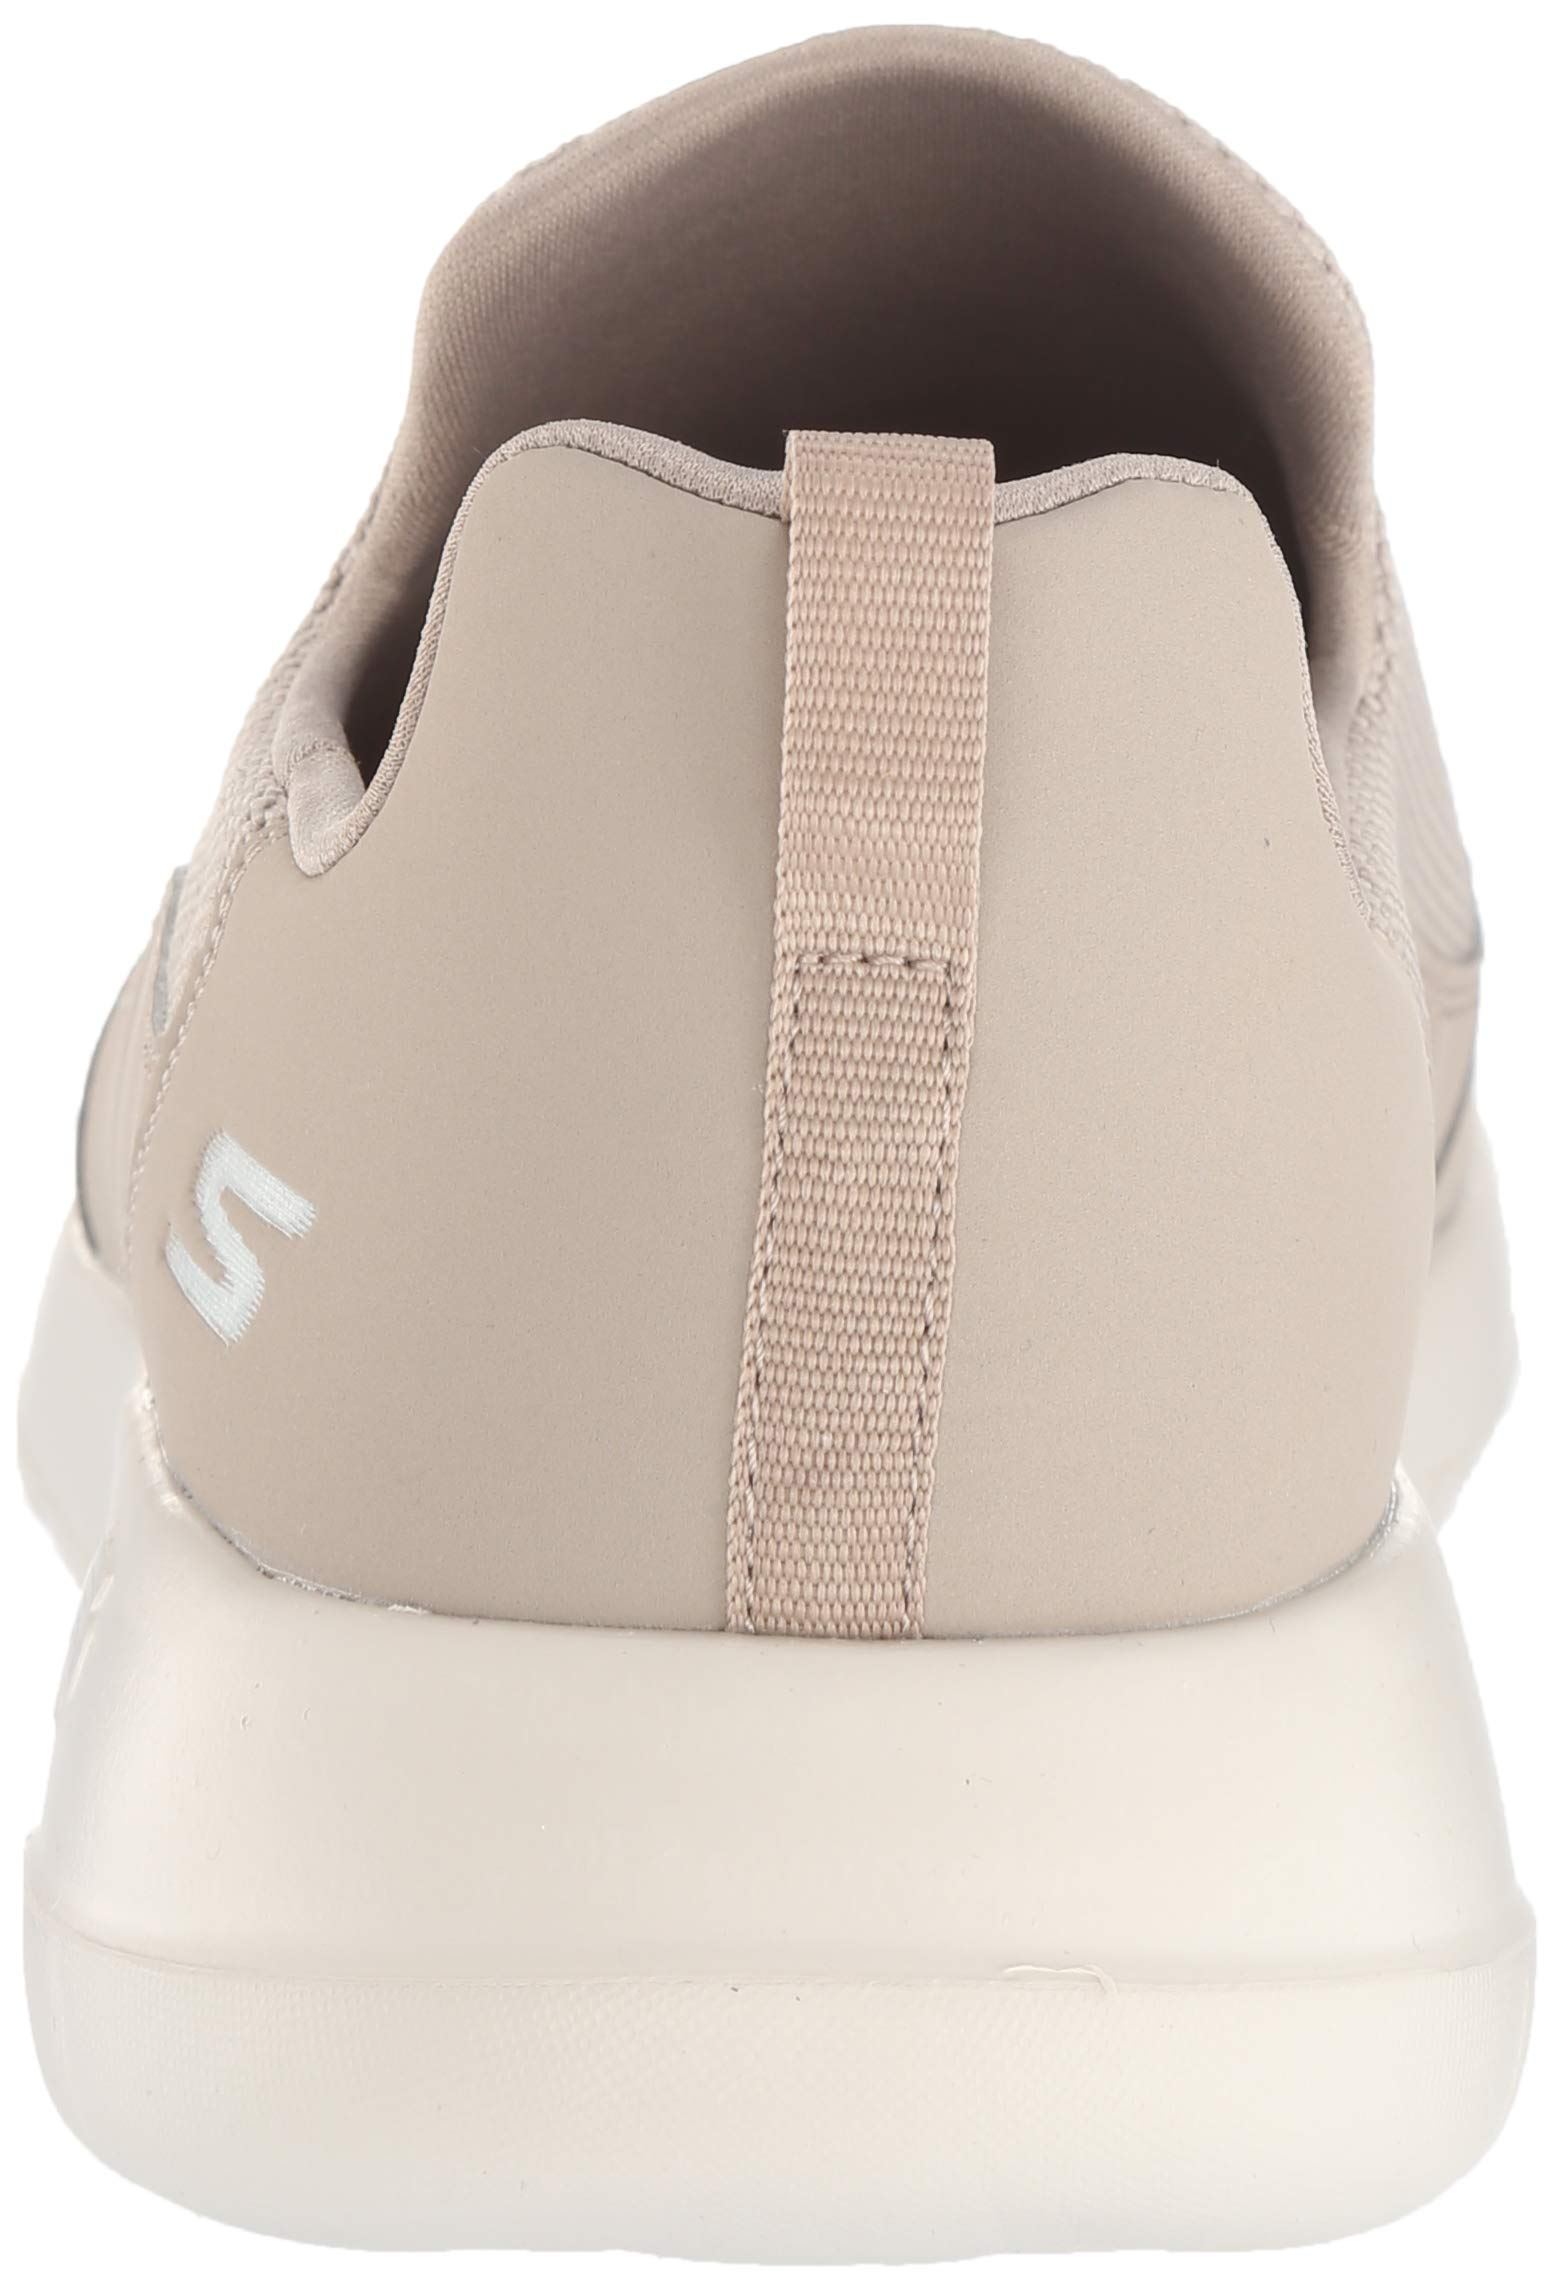 Skechers Men's Go Walk Max 54626 Sneaker